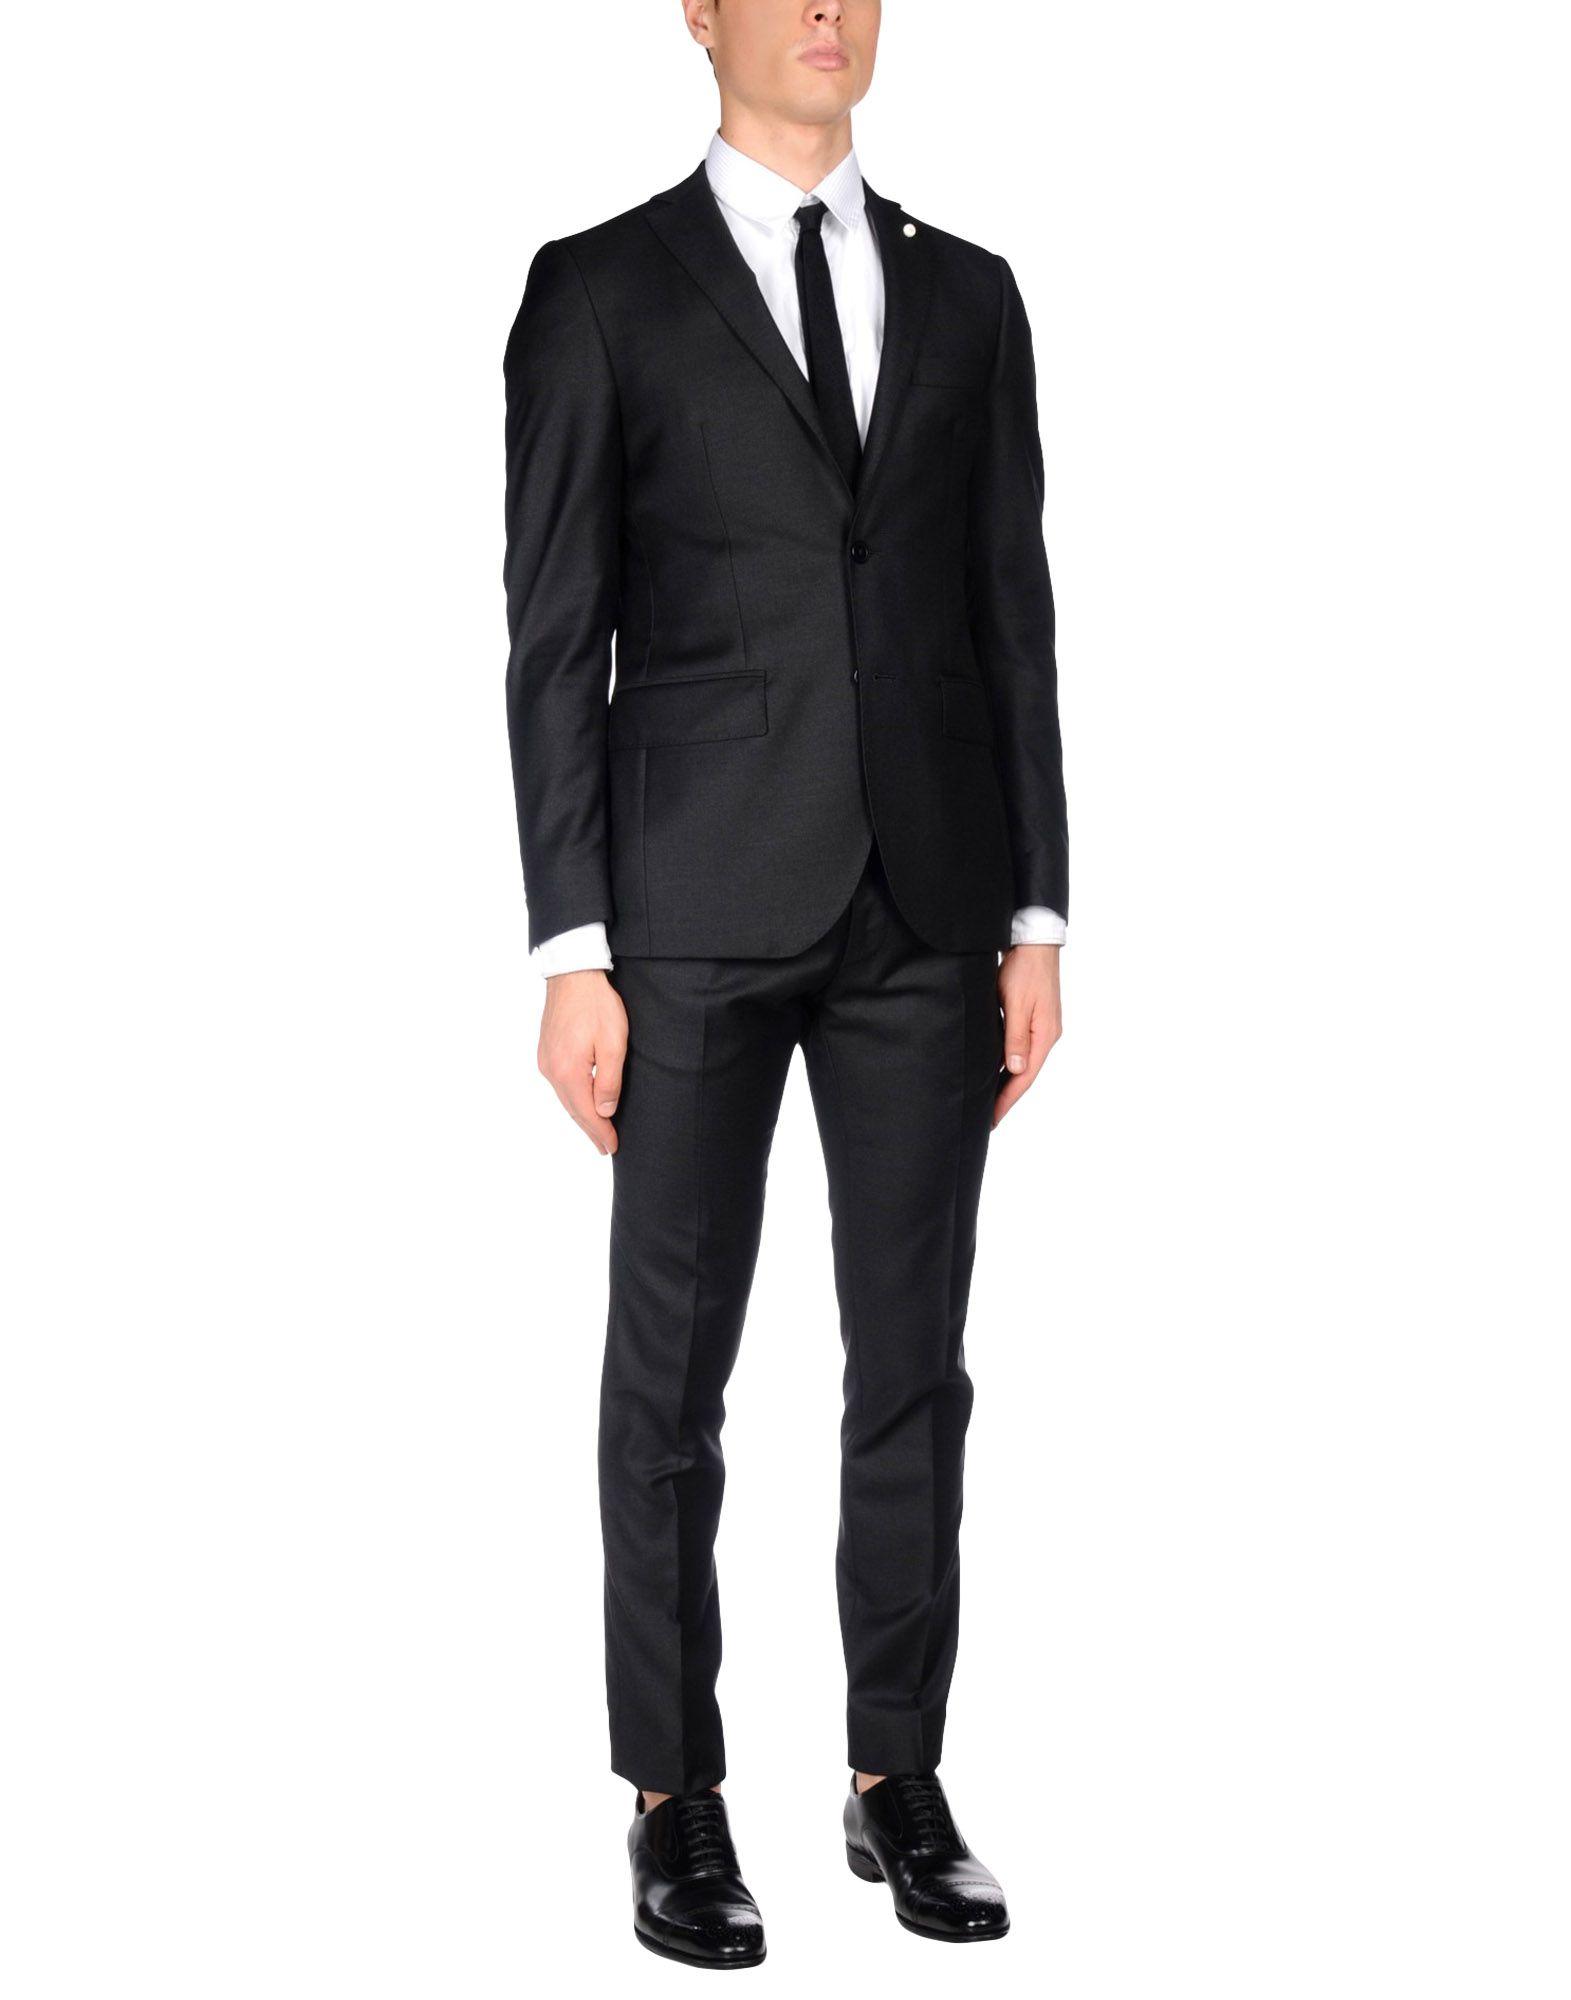 LUIGI BIANCHI Mantova Herren Anzug Farbe Granitgrau Größe 7 jetztbilligerkaufen